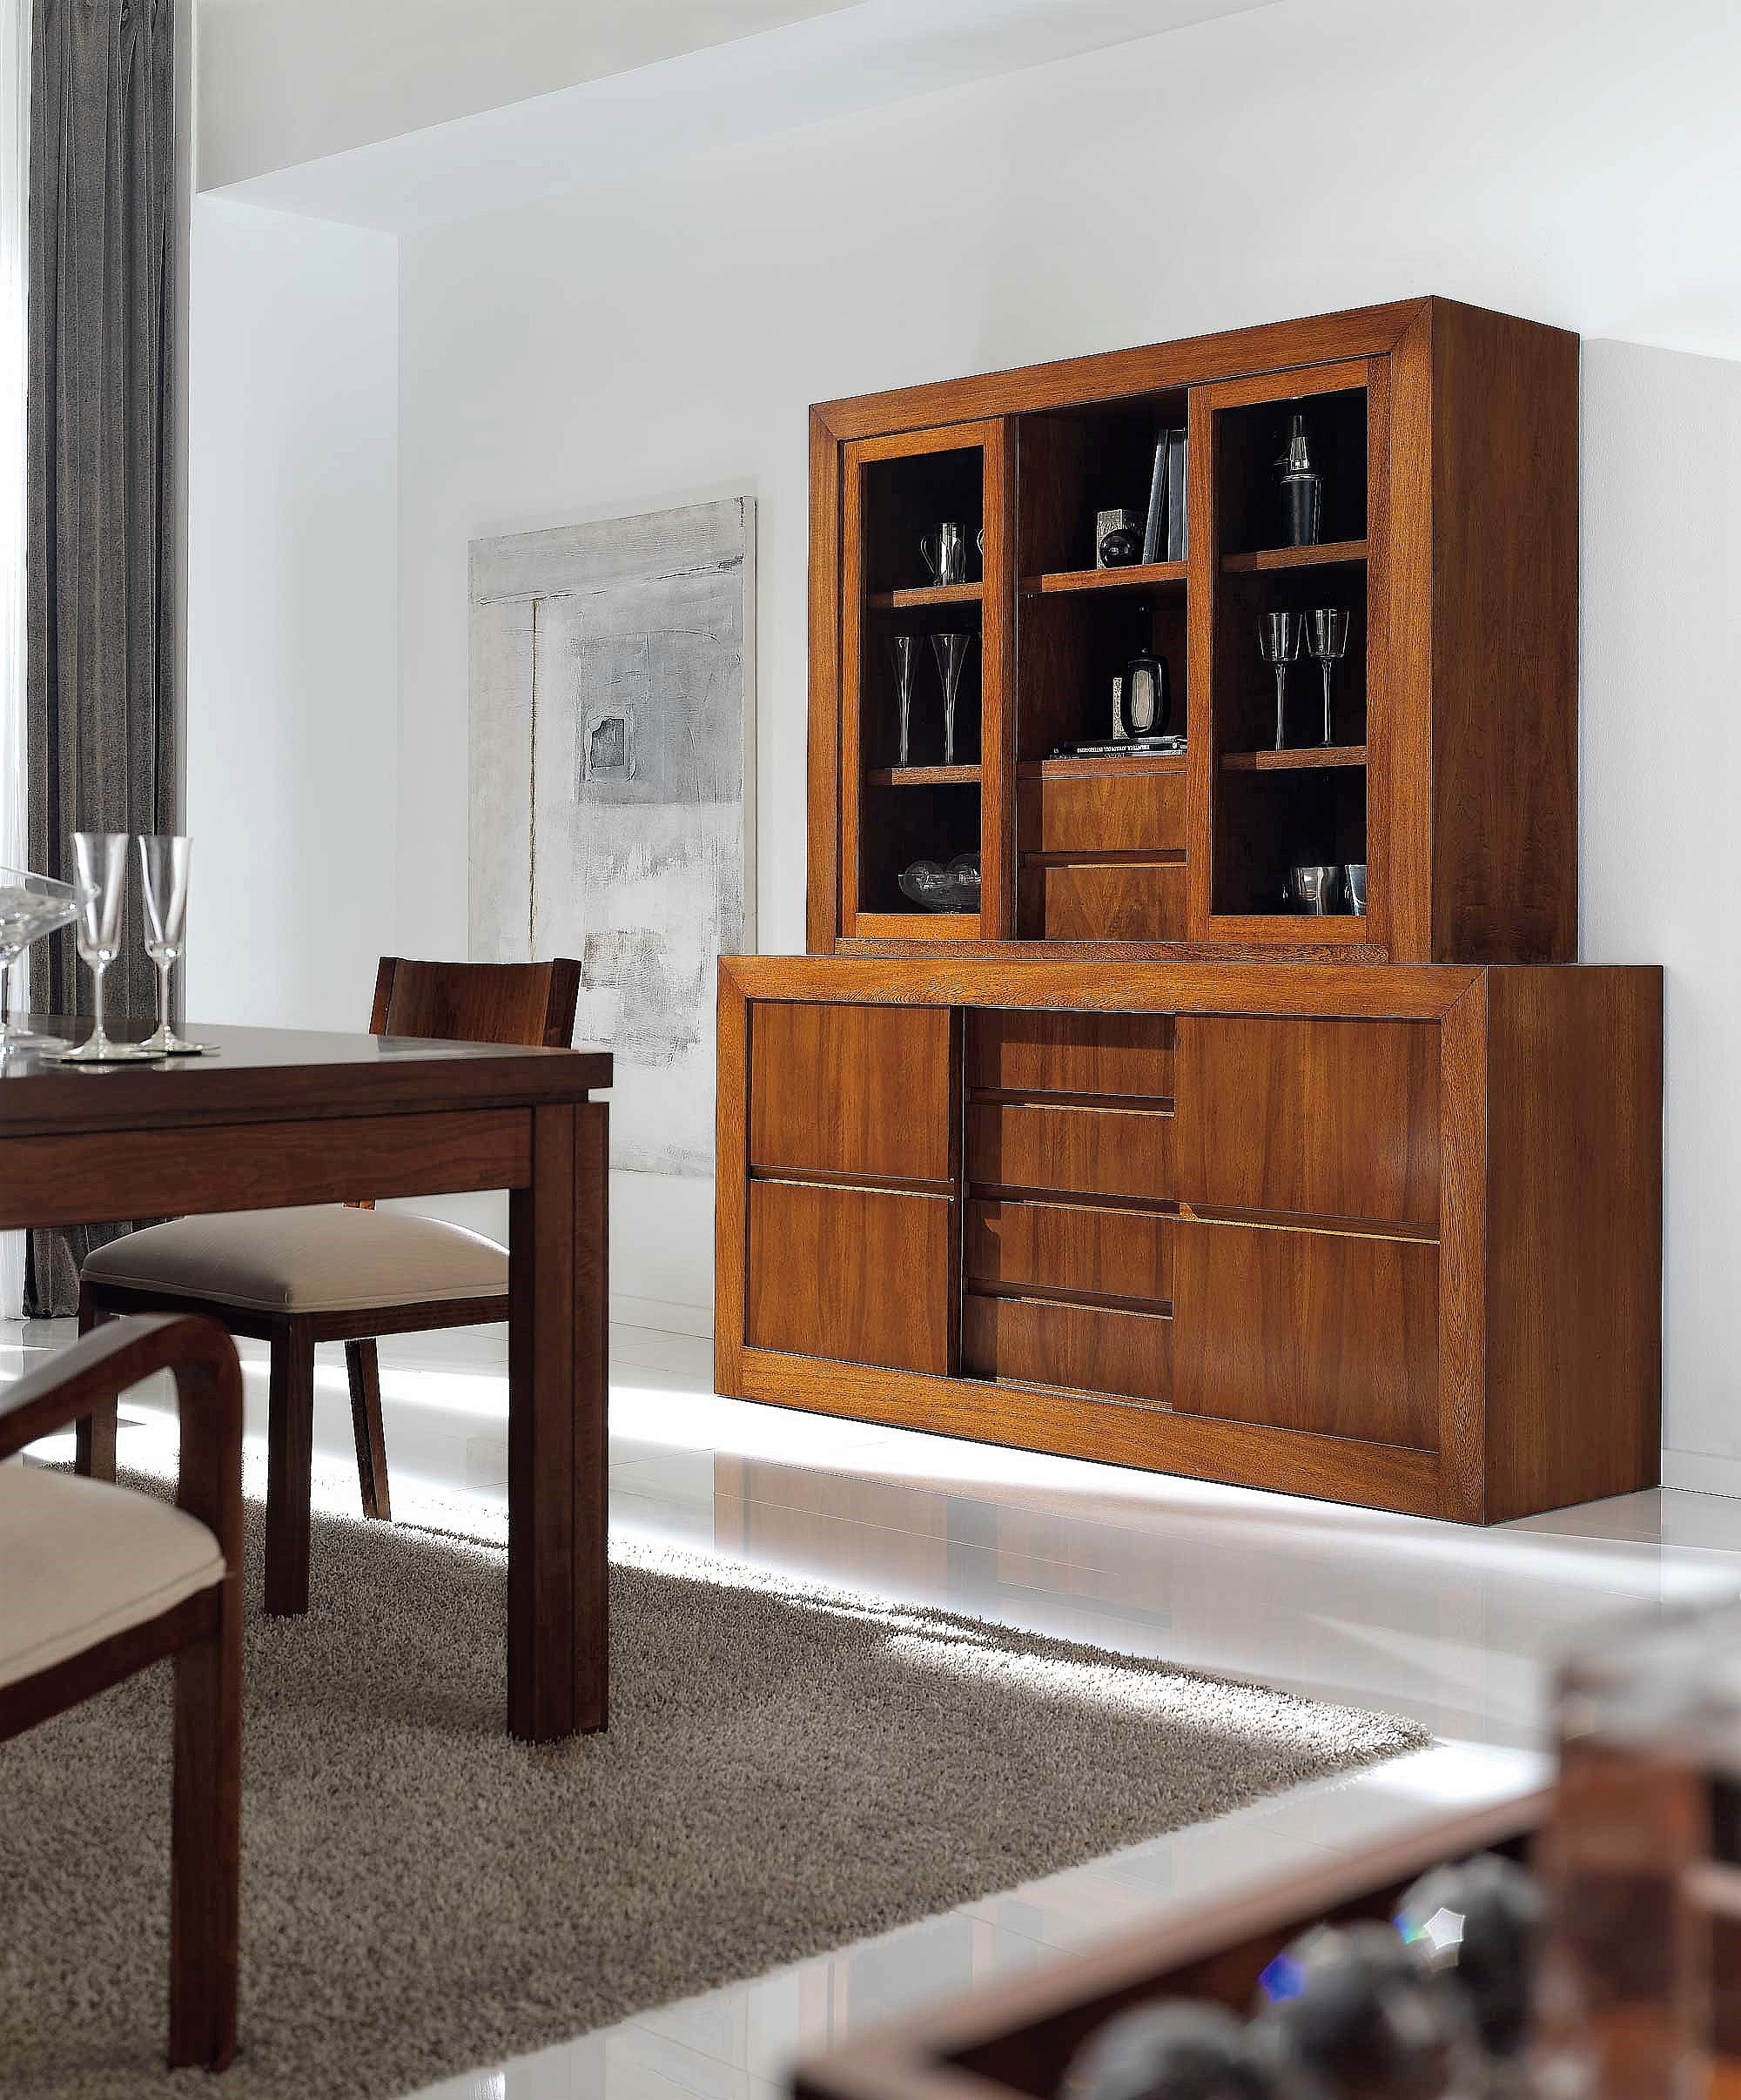 Armario Multiuso Casas Bahia ~ mueble aparador vitrina, alta decoración